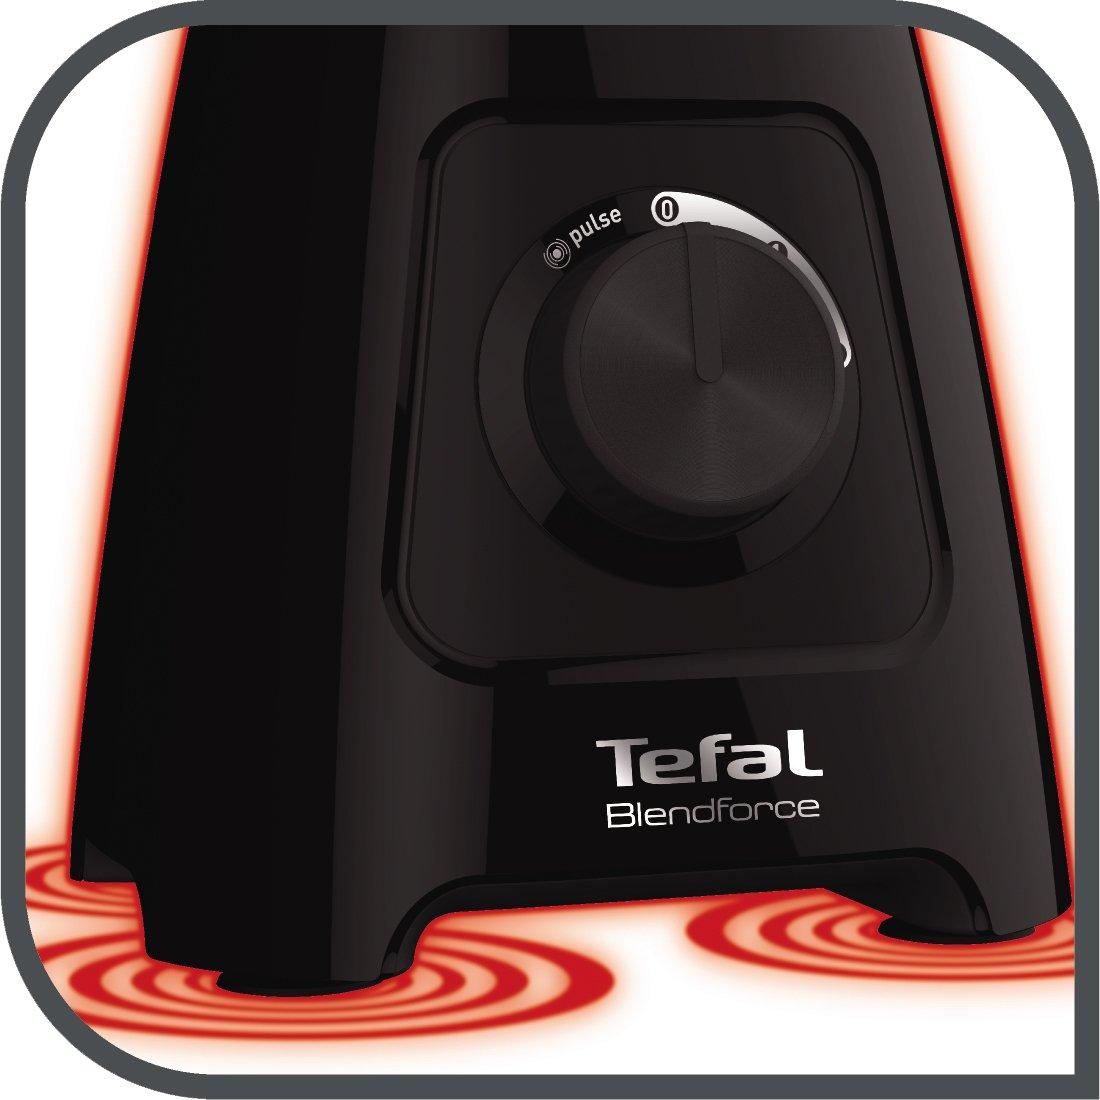 600 W Black 1.5 liters Tefal BL420840 Blendforce II Blender with Plastic Jug